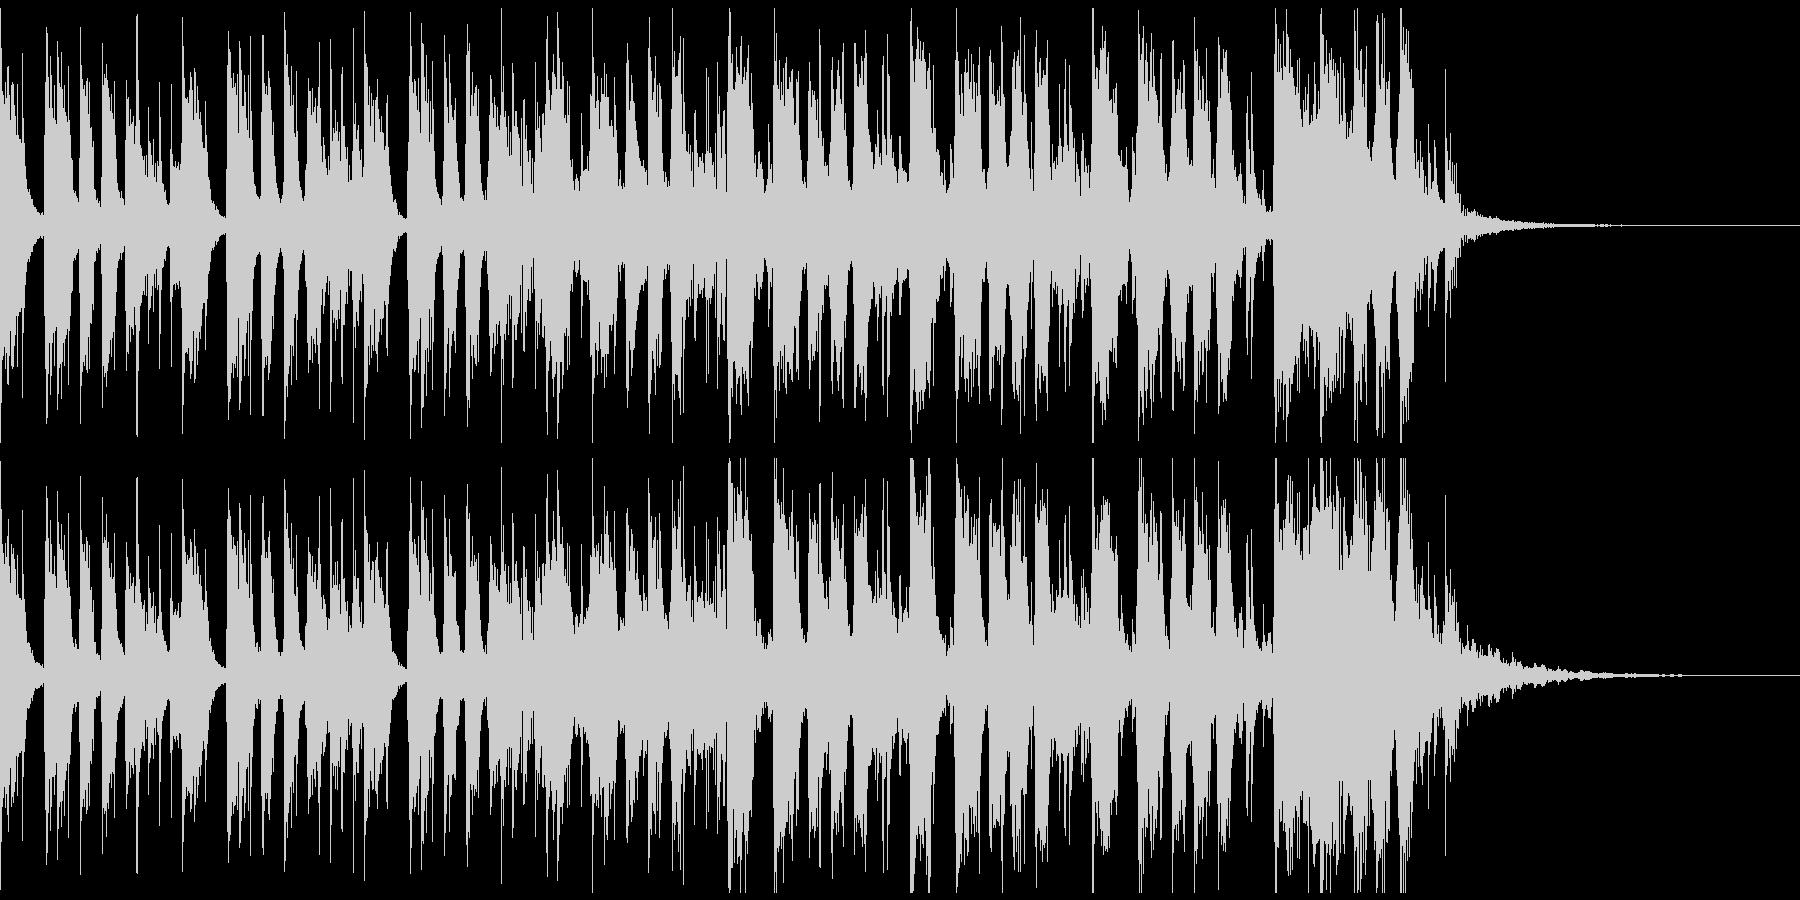 かっこいいロックギターイントロverBの未再生の波形